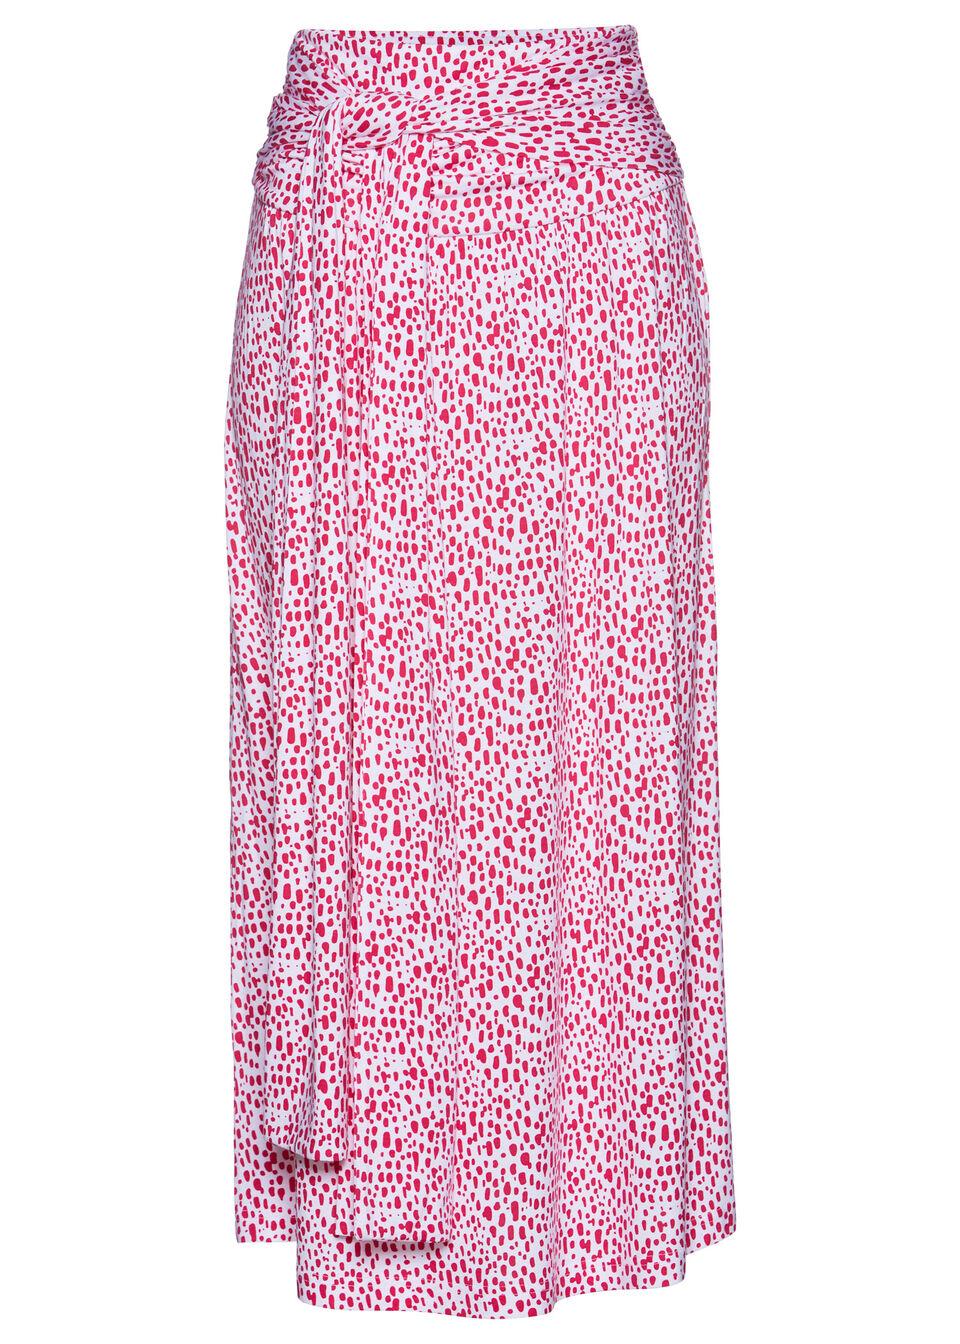 Spódnica 3 w 1 bonprix biało-różowy w kropki